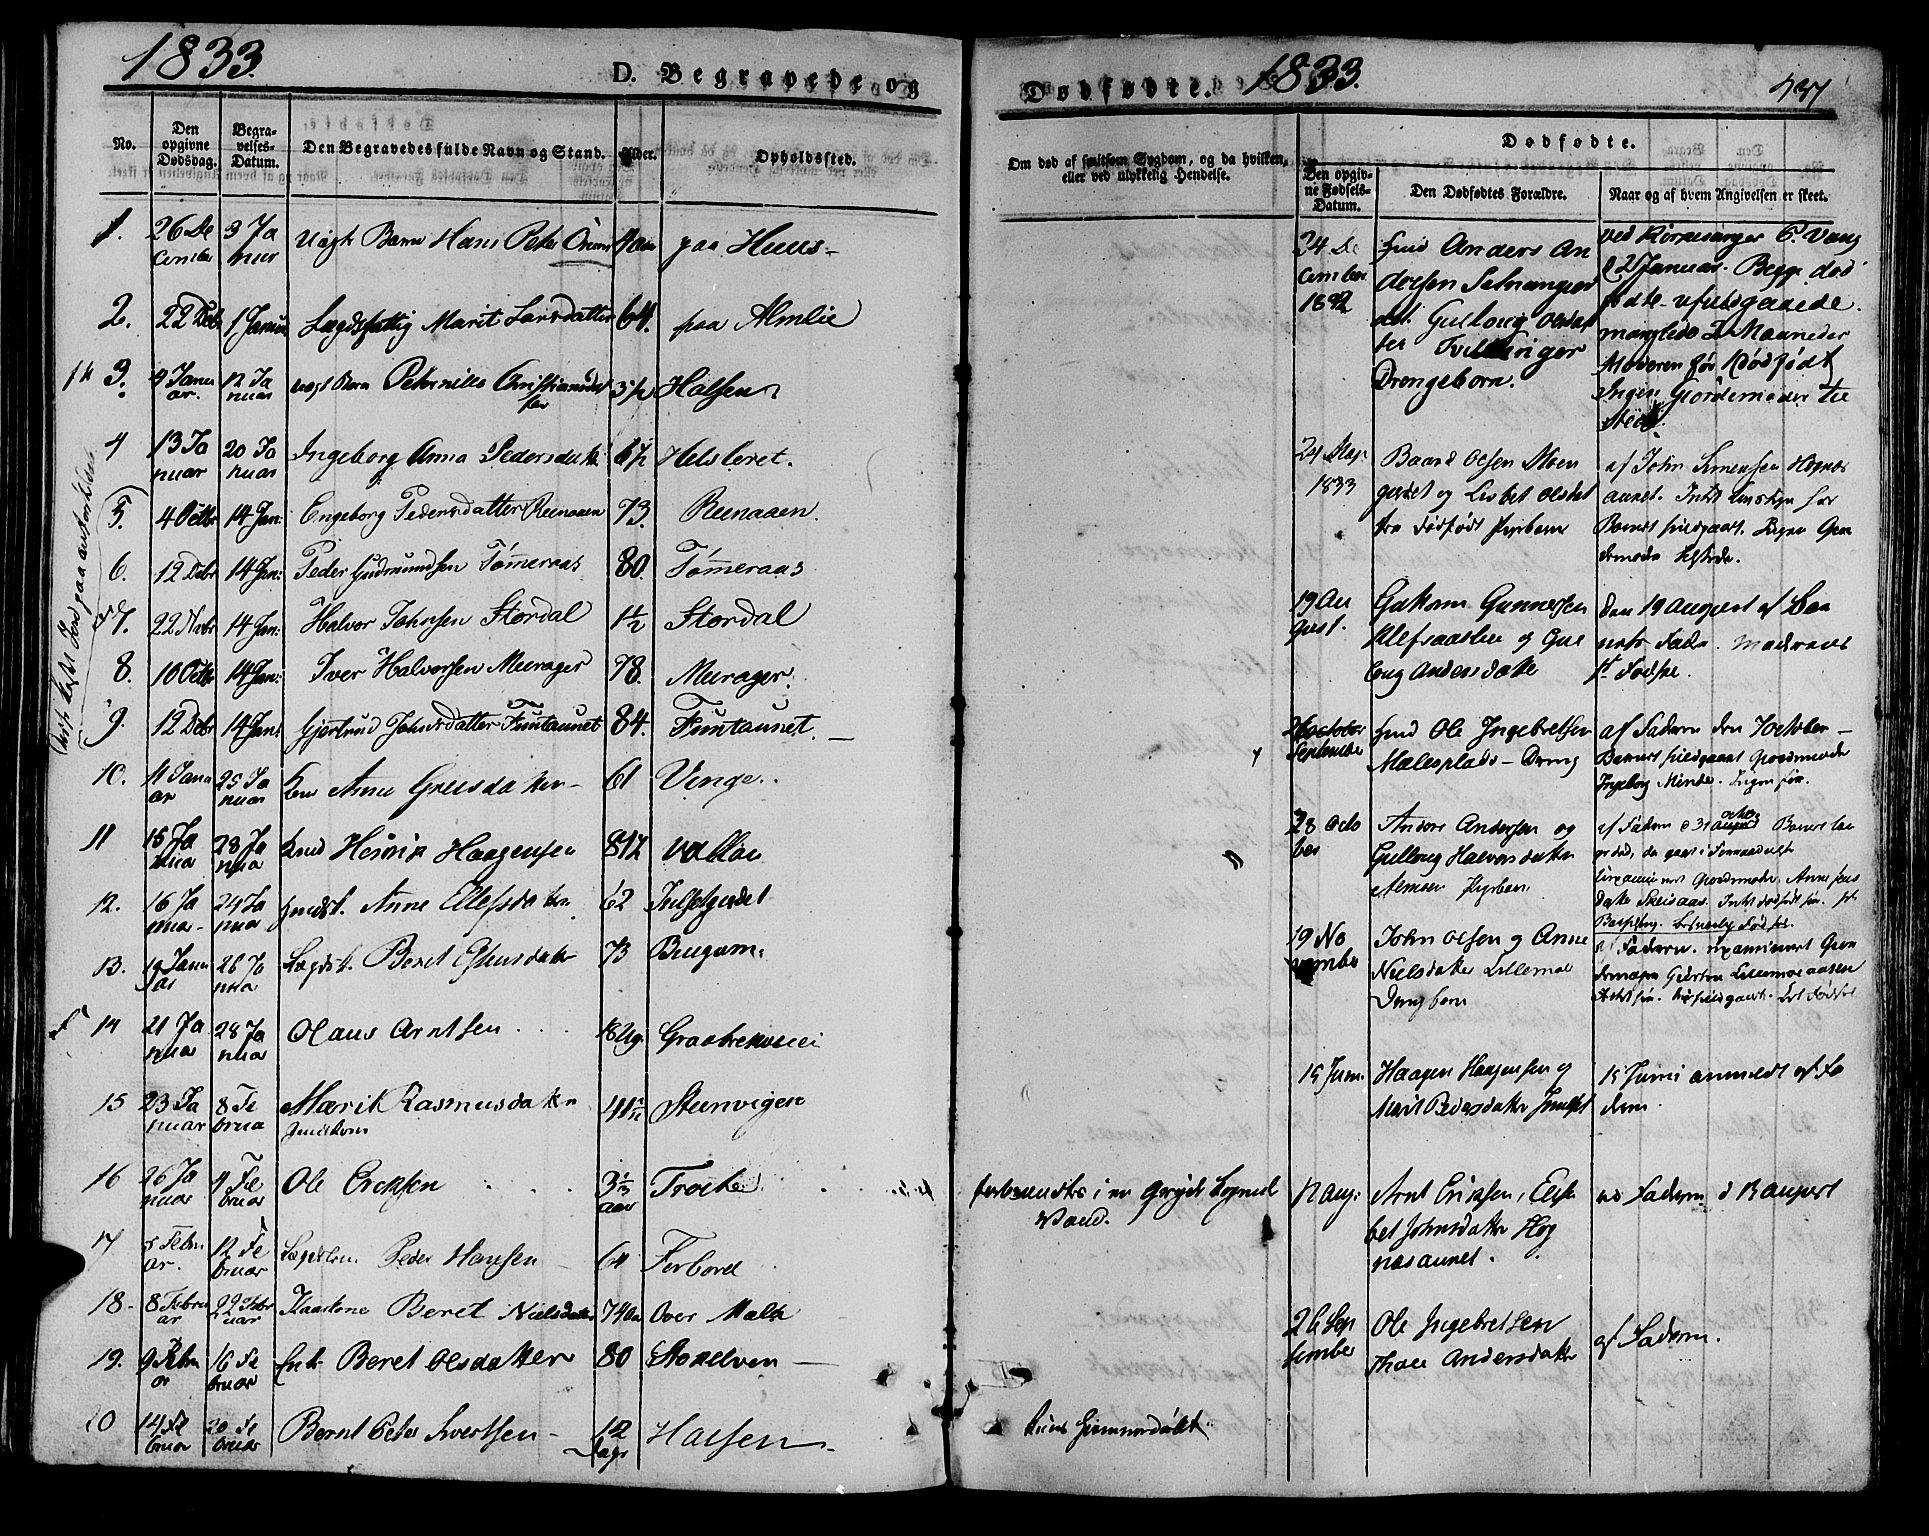 SAT, Ministerialprotokoller, klokkerbøker og fødselsregistre - Nord-Trøndelag, 709/L0072: Ministerialbok nr. 709A12, 1833-1844, s. 437